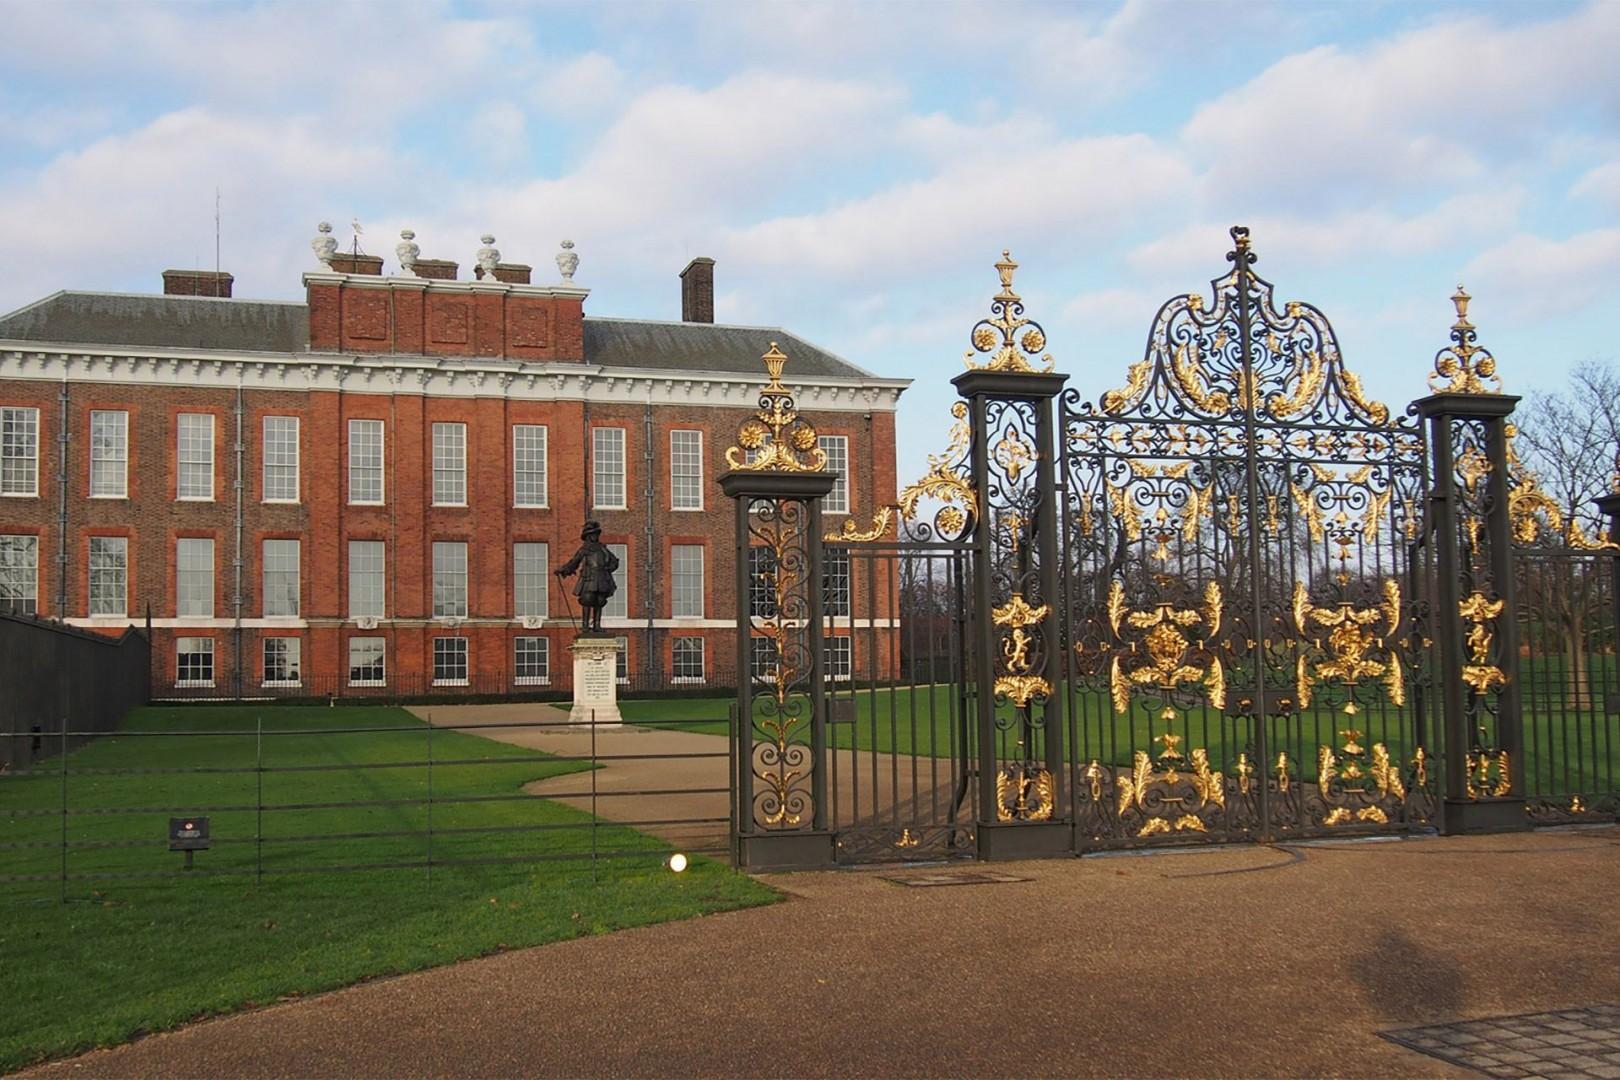 CMS-37-(Kensington Palace)-935531894-1508843800-kensington-palace-gate